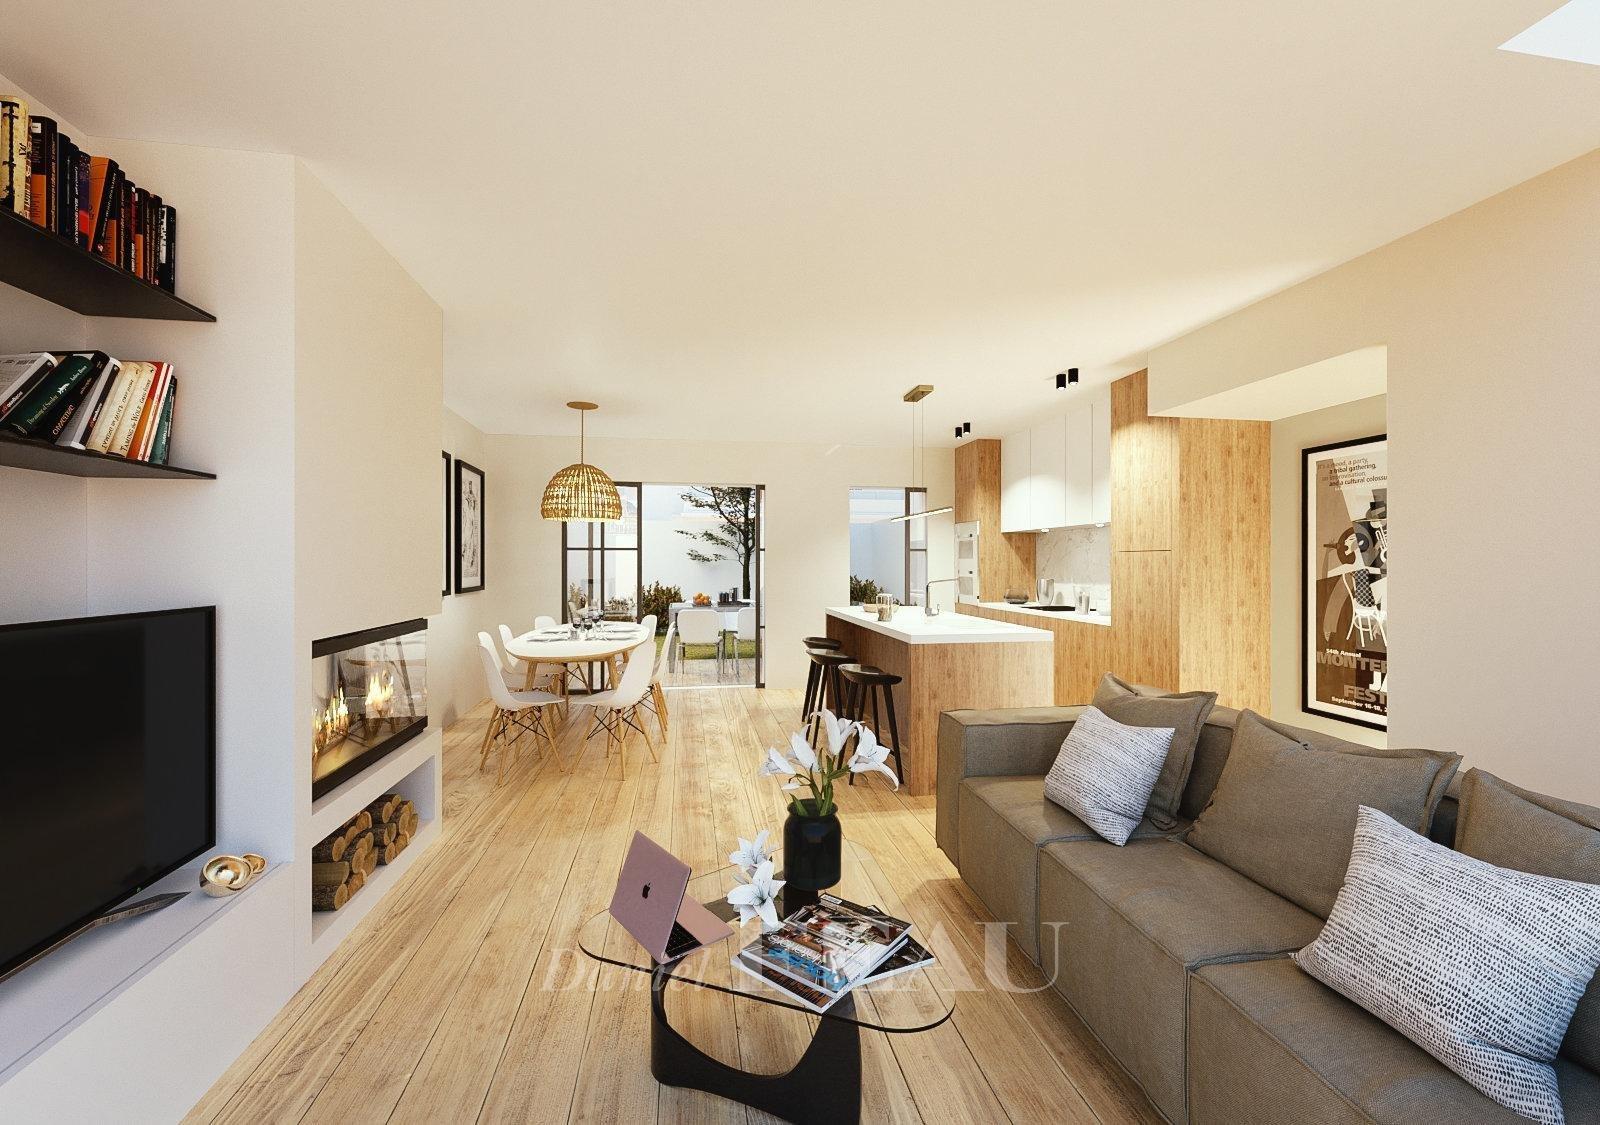 Maison a vendre boulogne-billancourt - 5 pièce(s) - 173.1 m2 - Surfyn